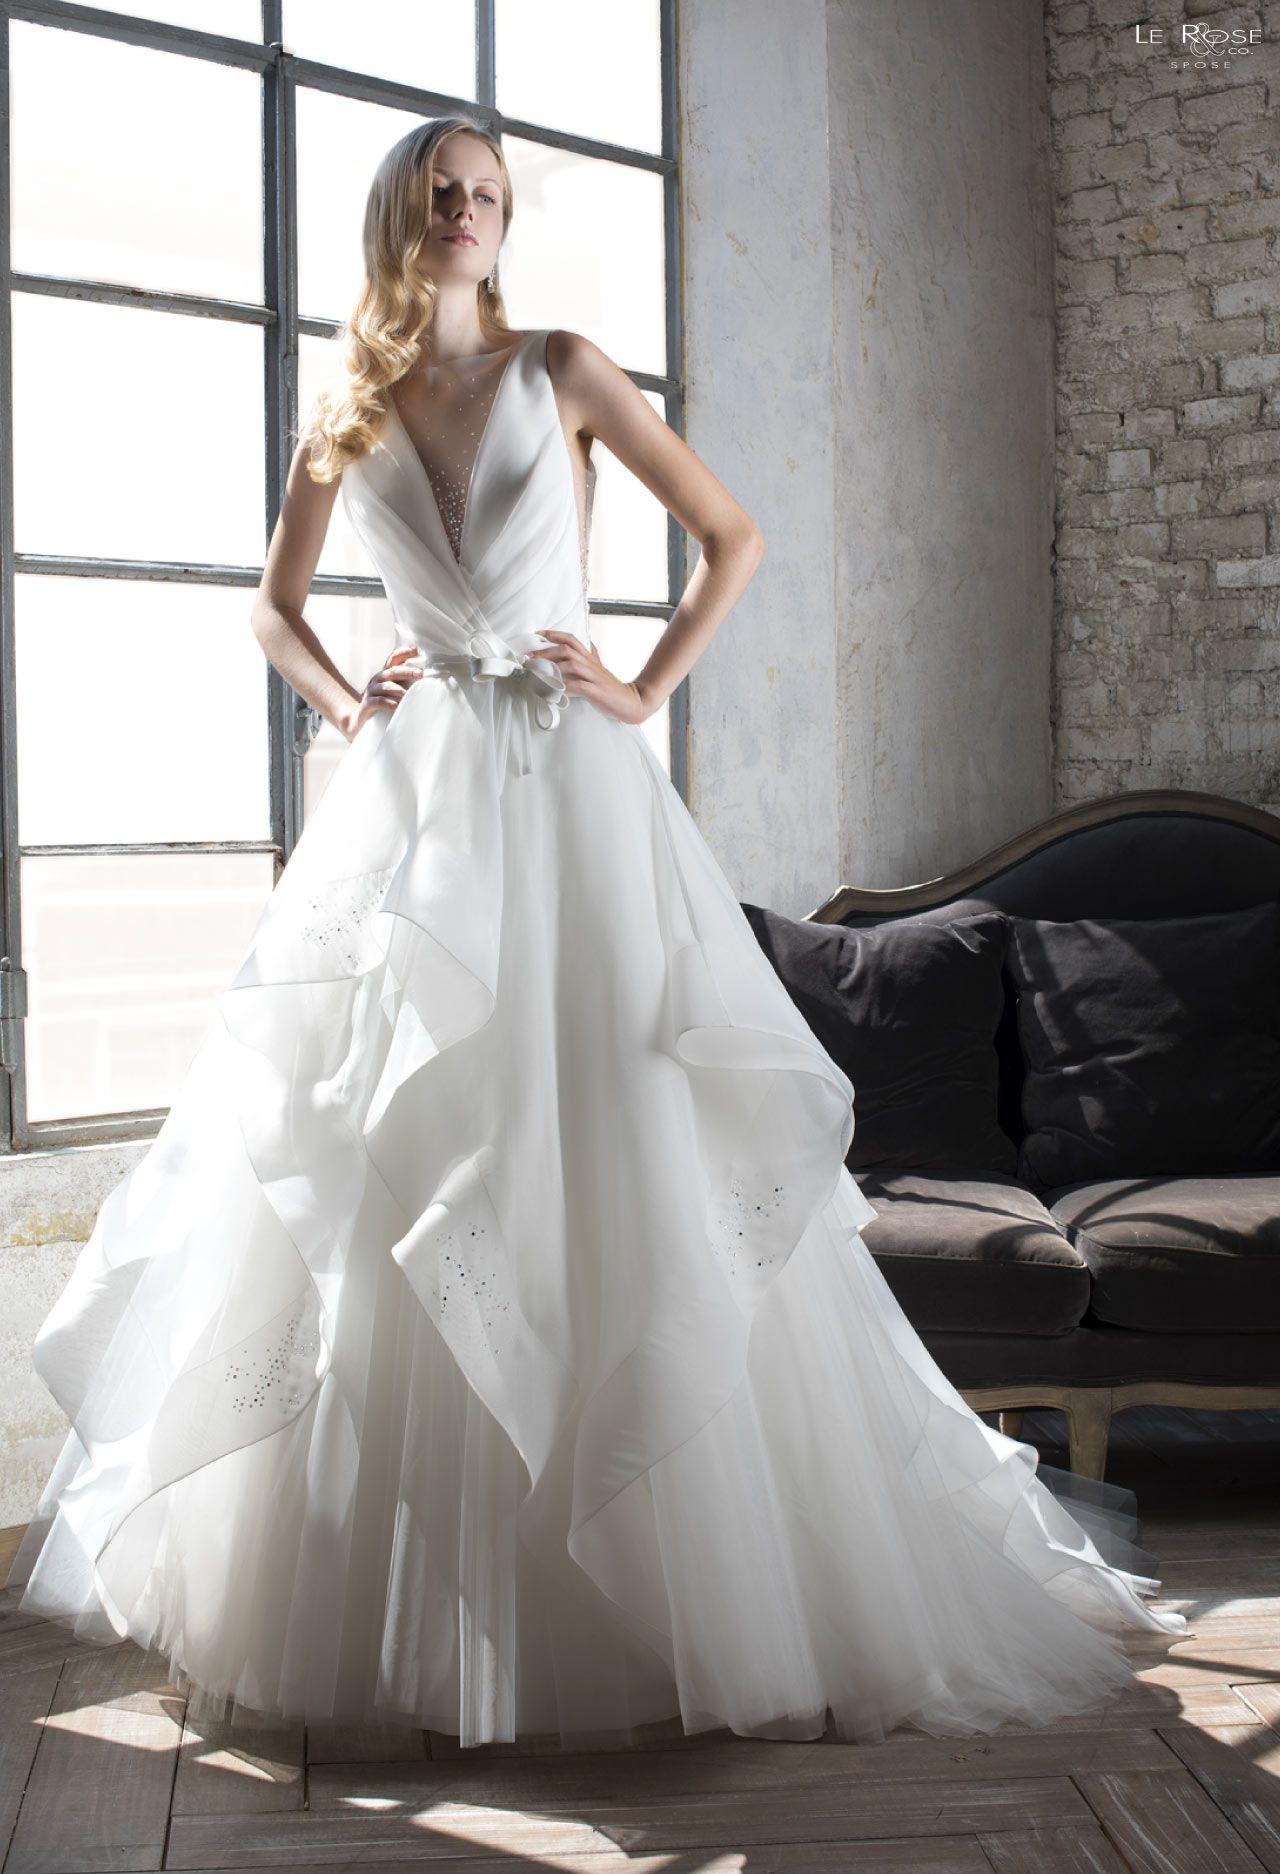 d68eb2c9e994 Vestito da sposa della collezione Le Rose Spose 2019 disponibile presso il negozio  Boutique Velo